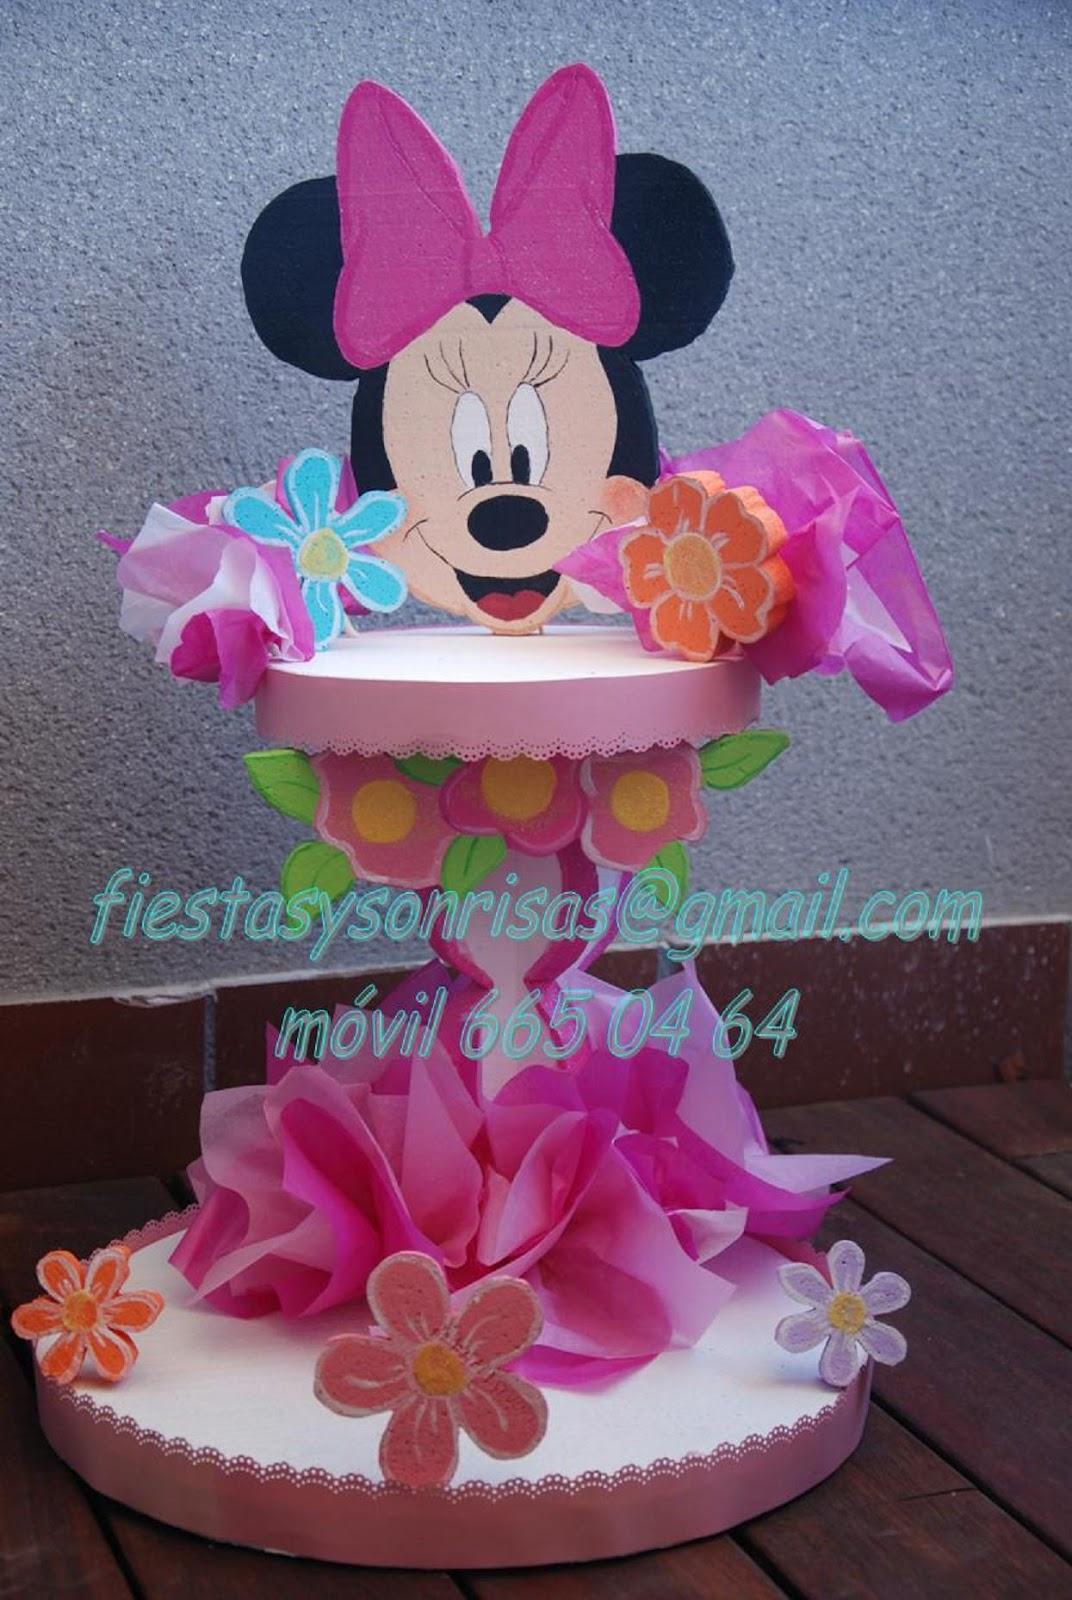 Minnie decoraciones para fiestas for Decoraciones infantiles